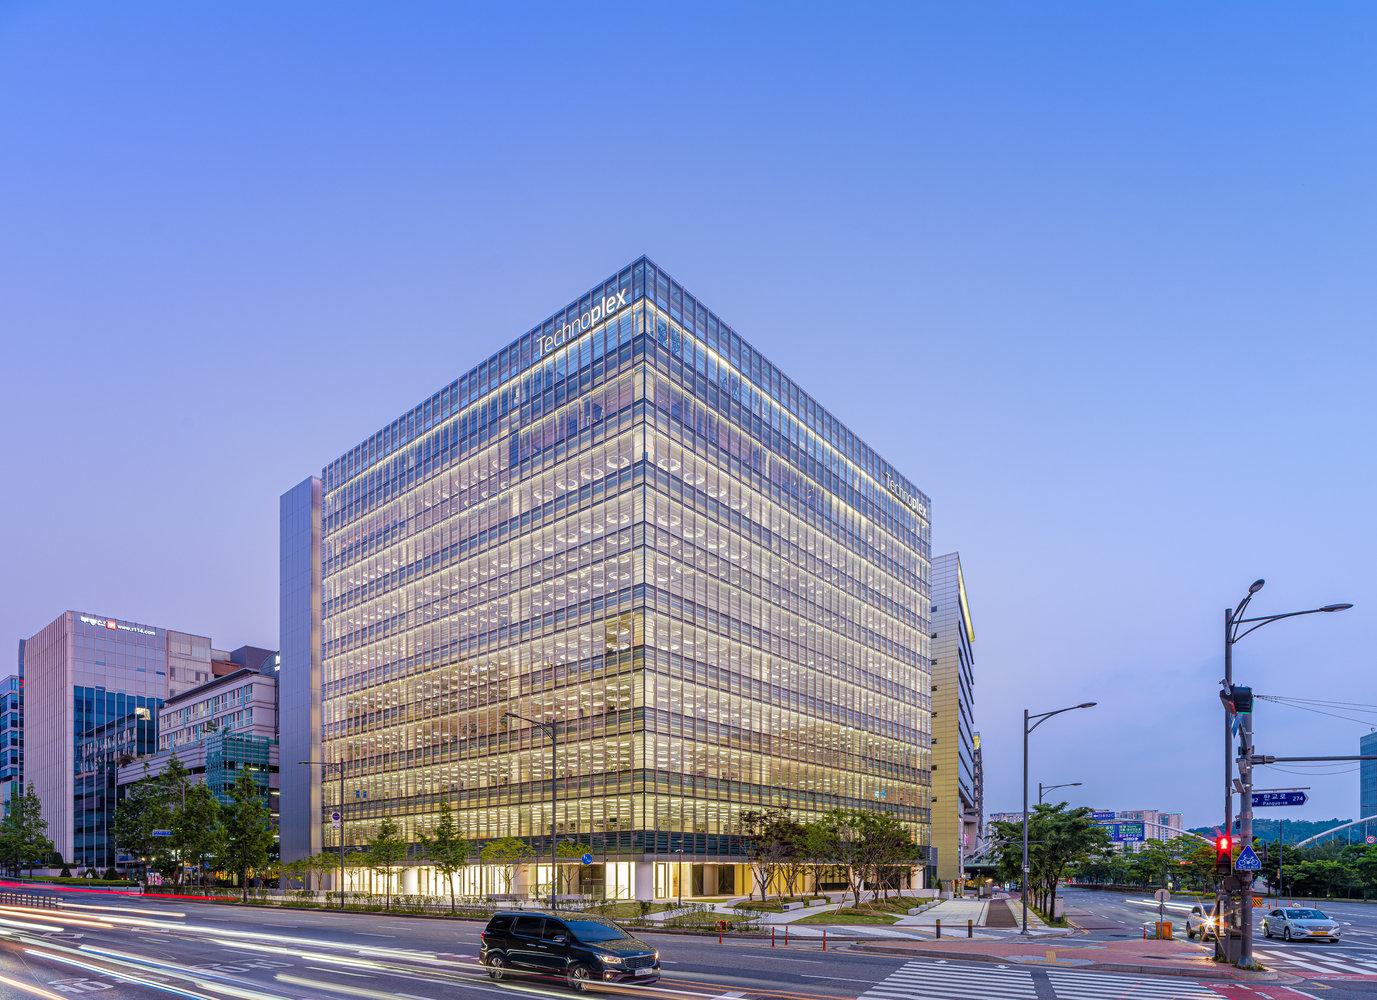 韩泰科技园区丨福斯特建筑事务所